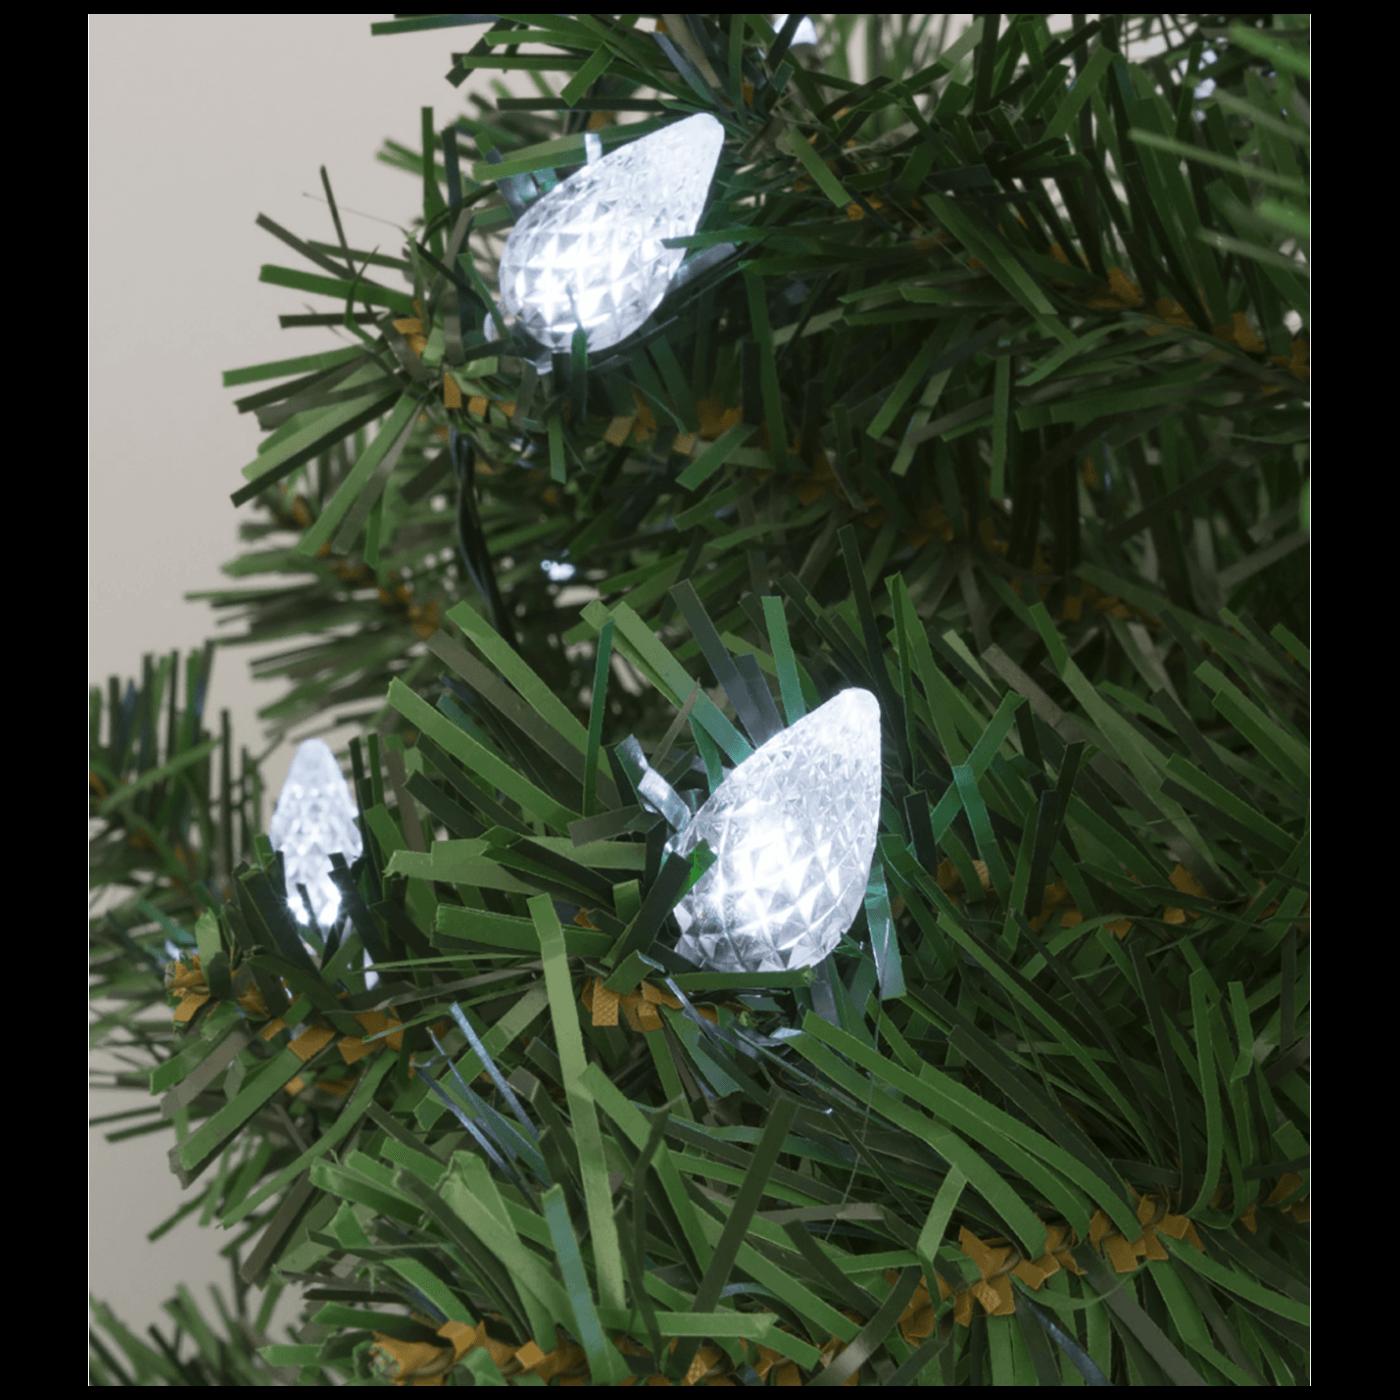 Dekorativna LED rasvjeta, žaruljica, 50 kom